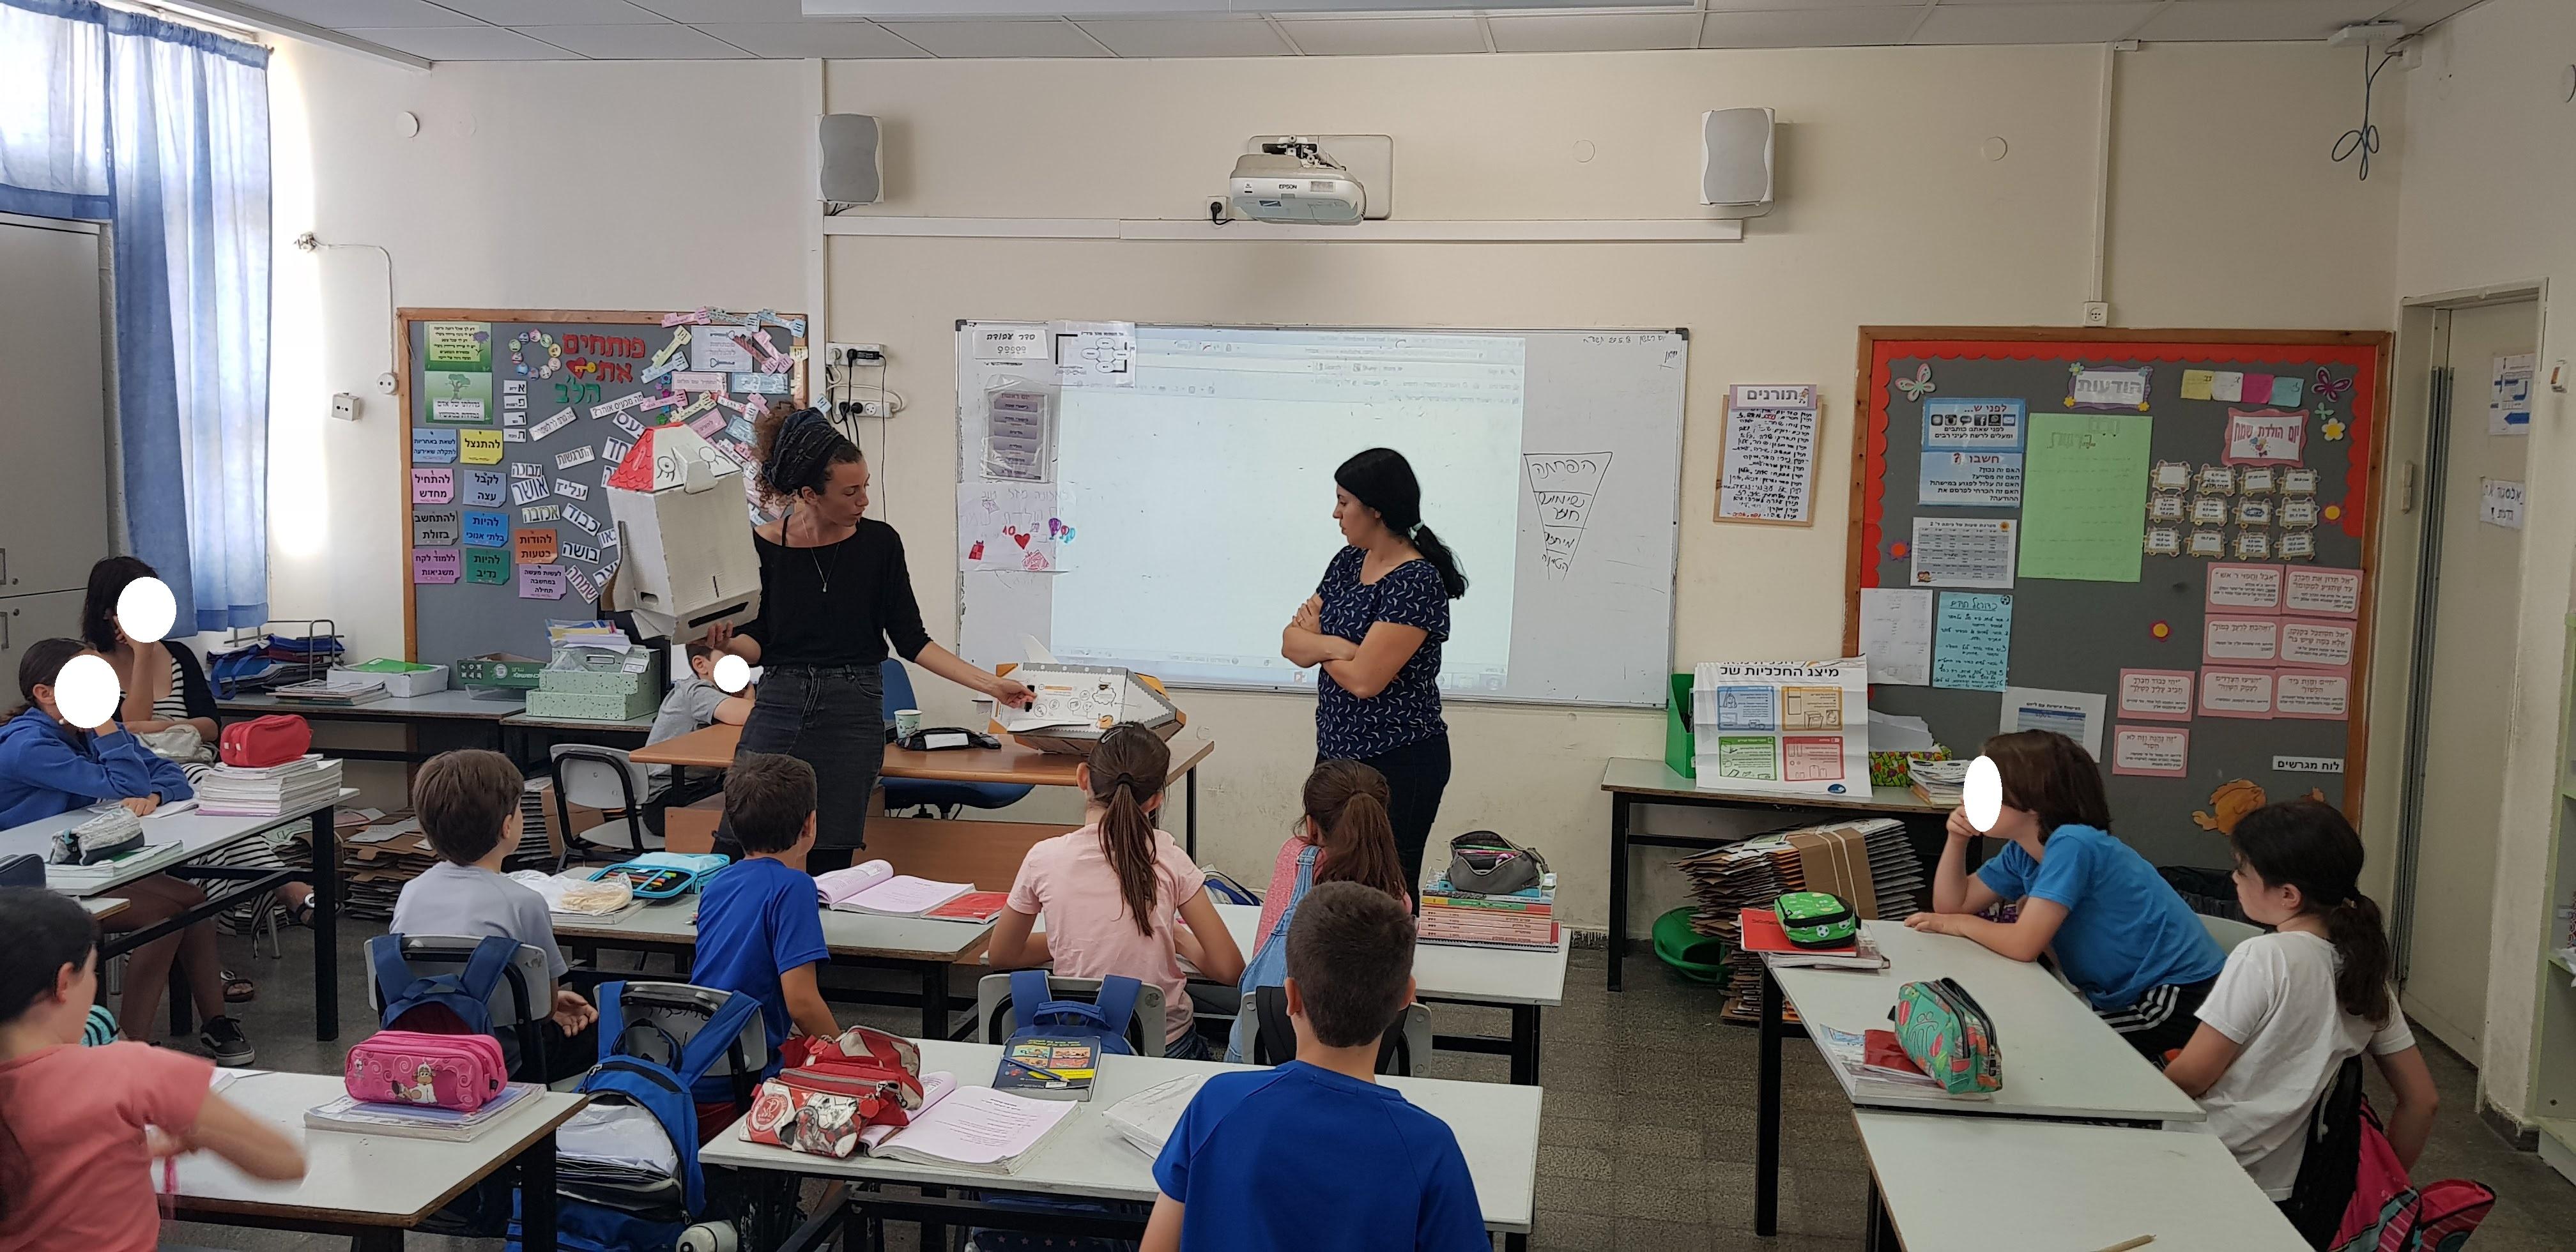 הדרכות פרויקט החללית בבית ספר